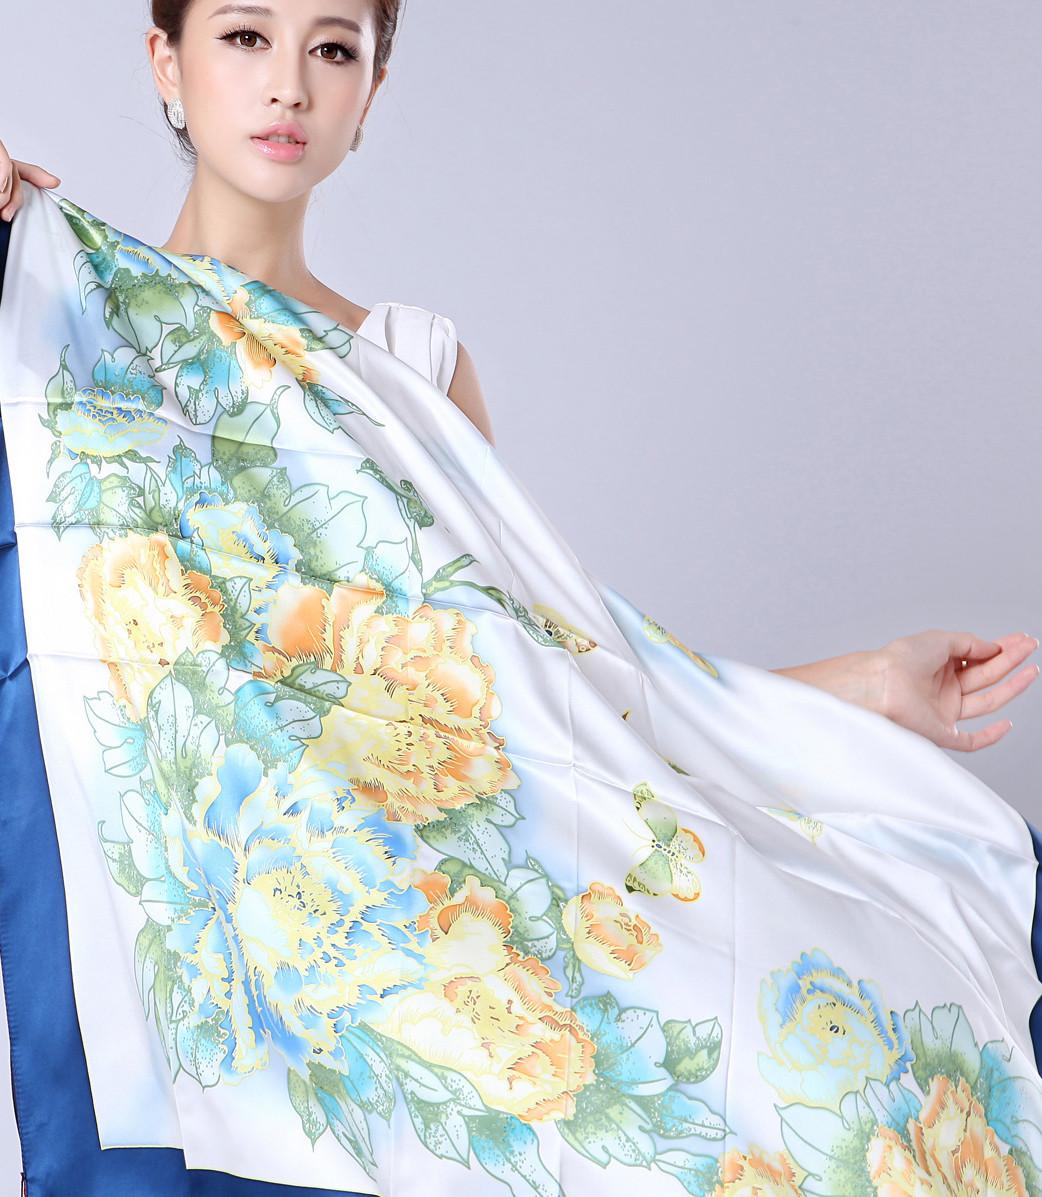 中国印象冬系羊毛丝巾代理批发